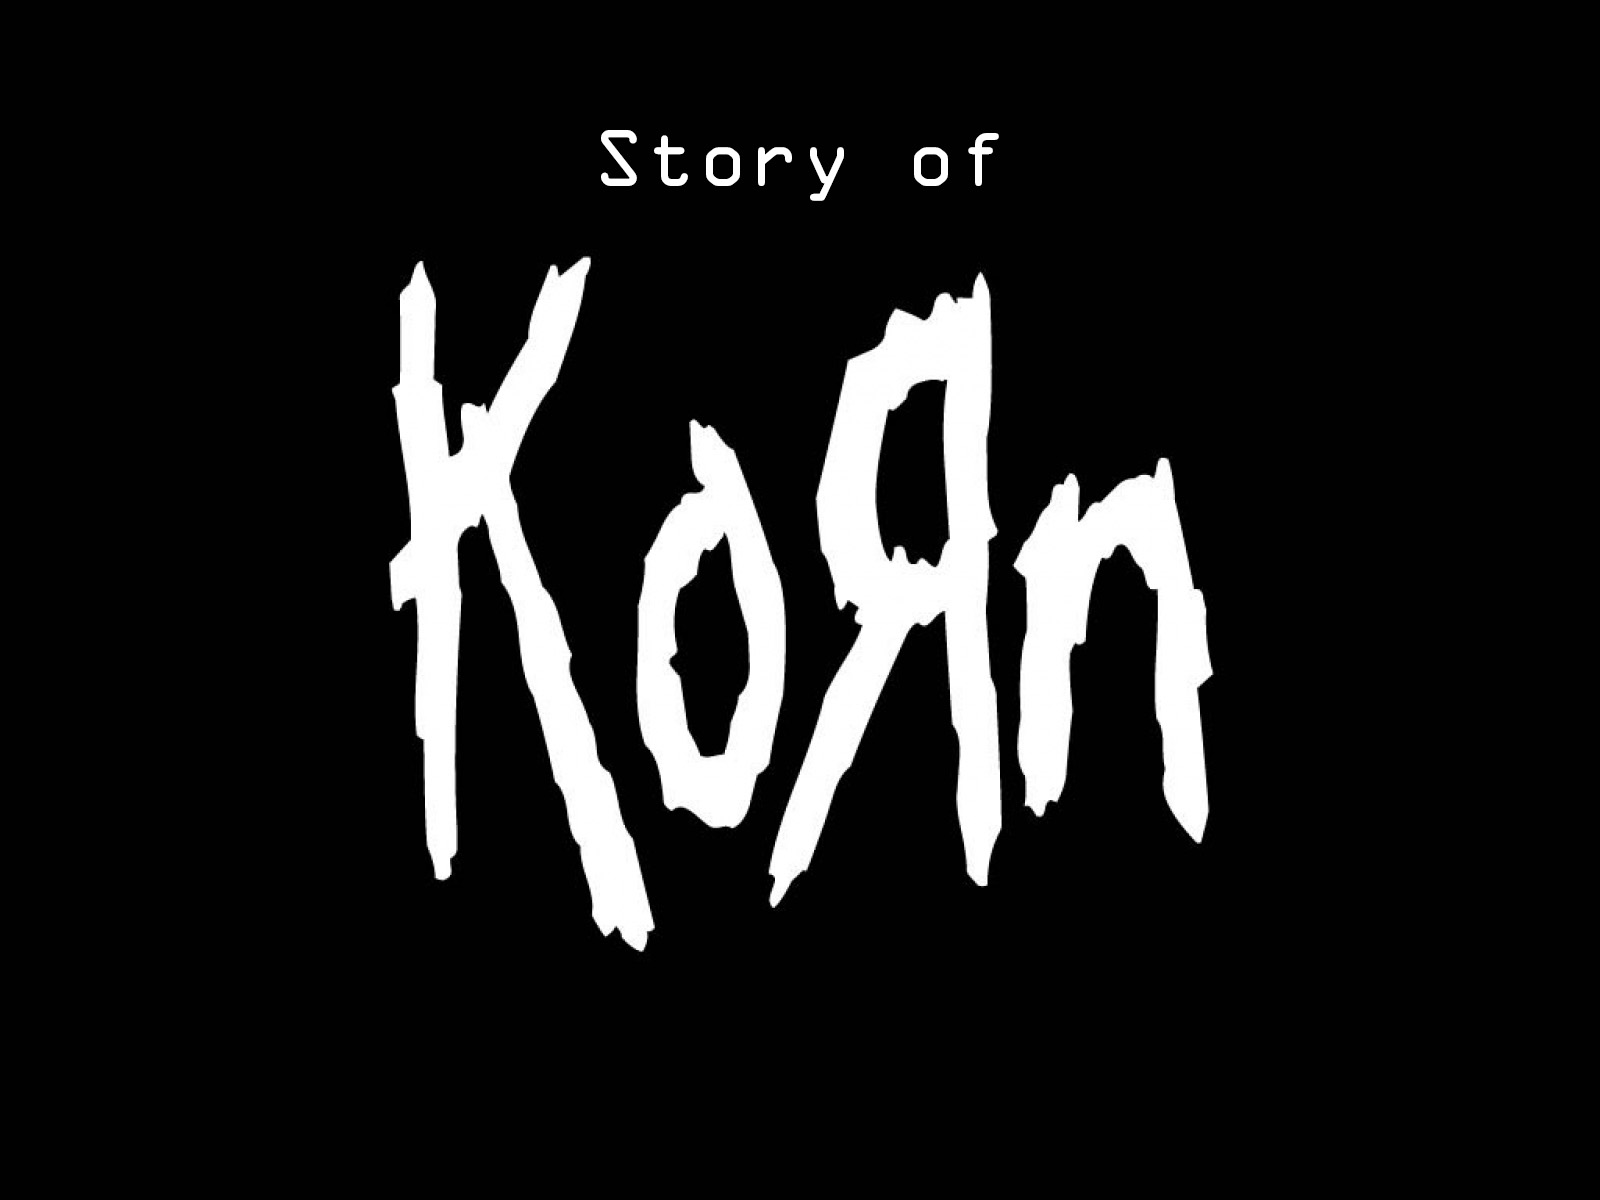 STORY OF KORN